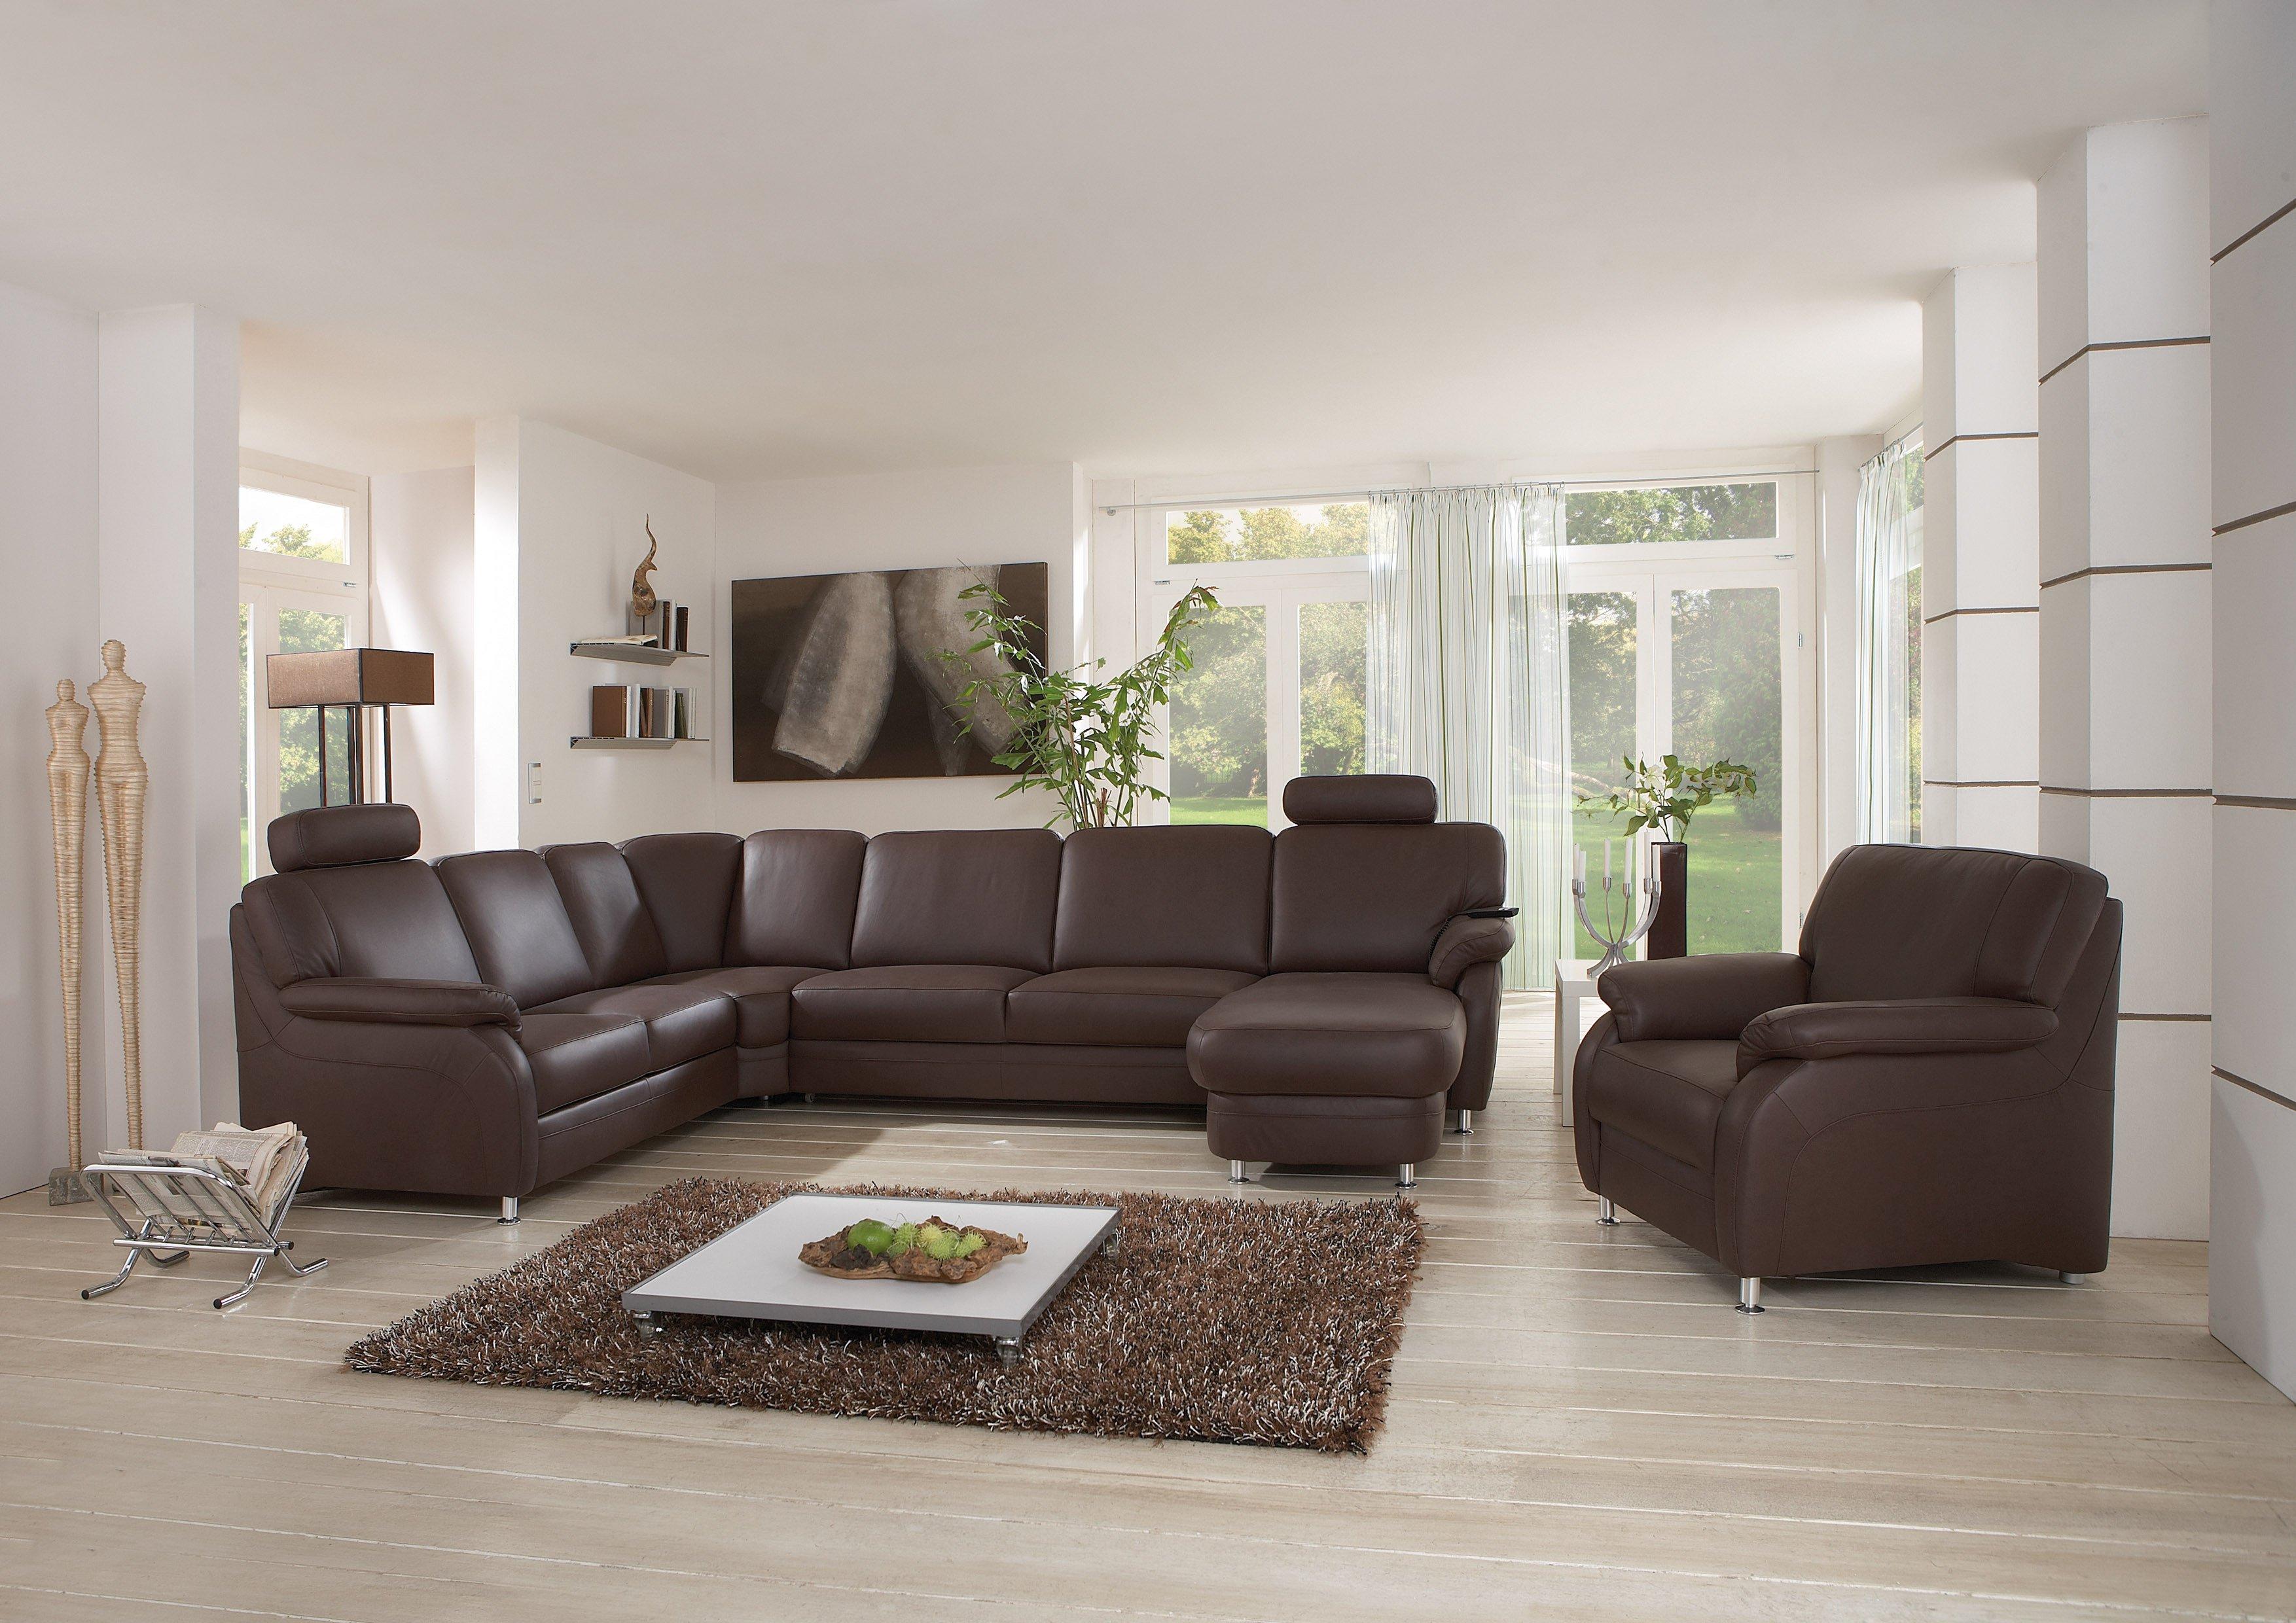 wohnlandschaft leder von polinova polsterm bel m bel letz ihr online m bel shop. Black Bedroom Furniture Sets. Home Design Ideas